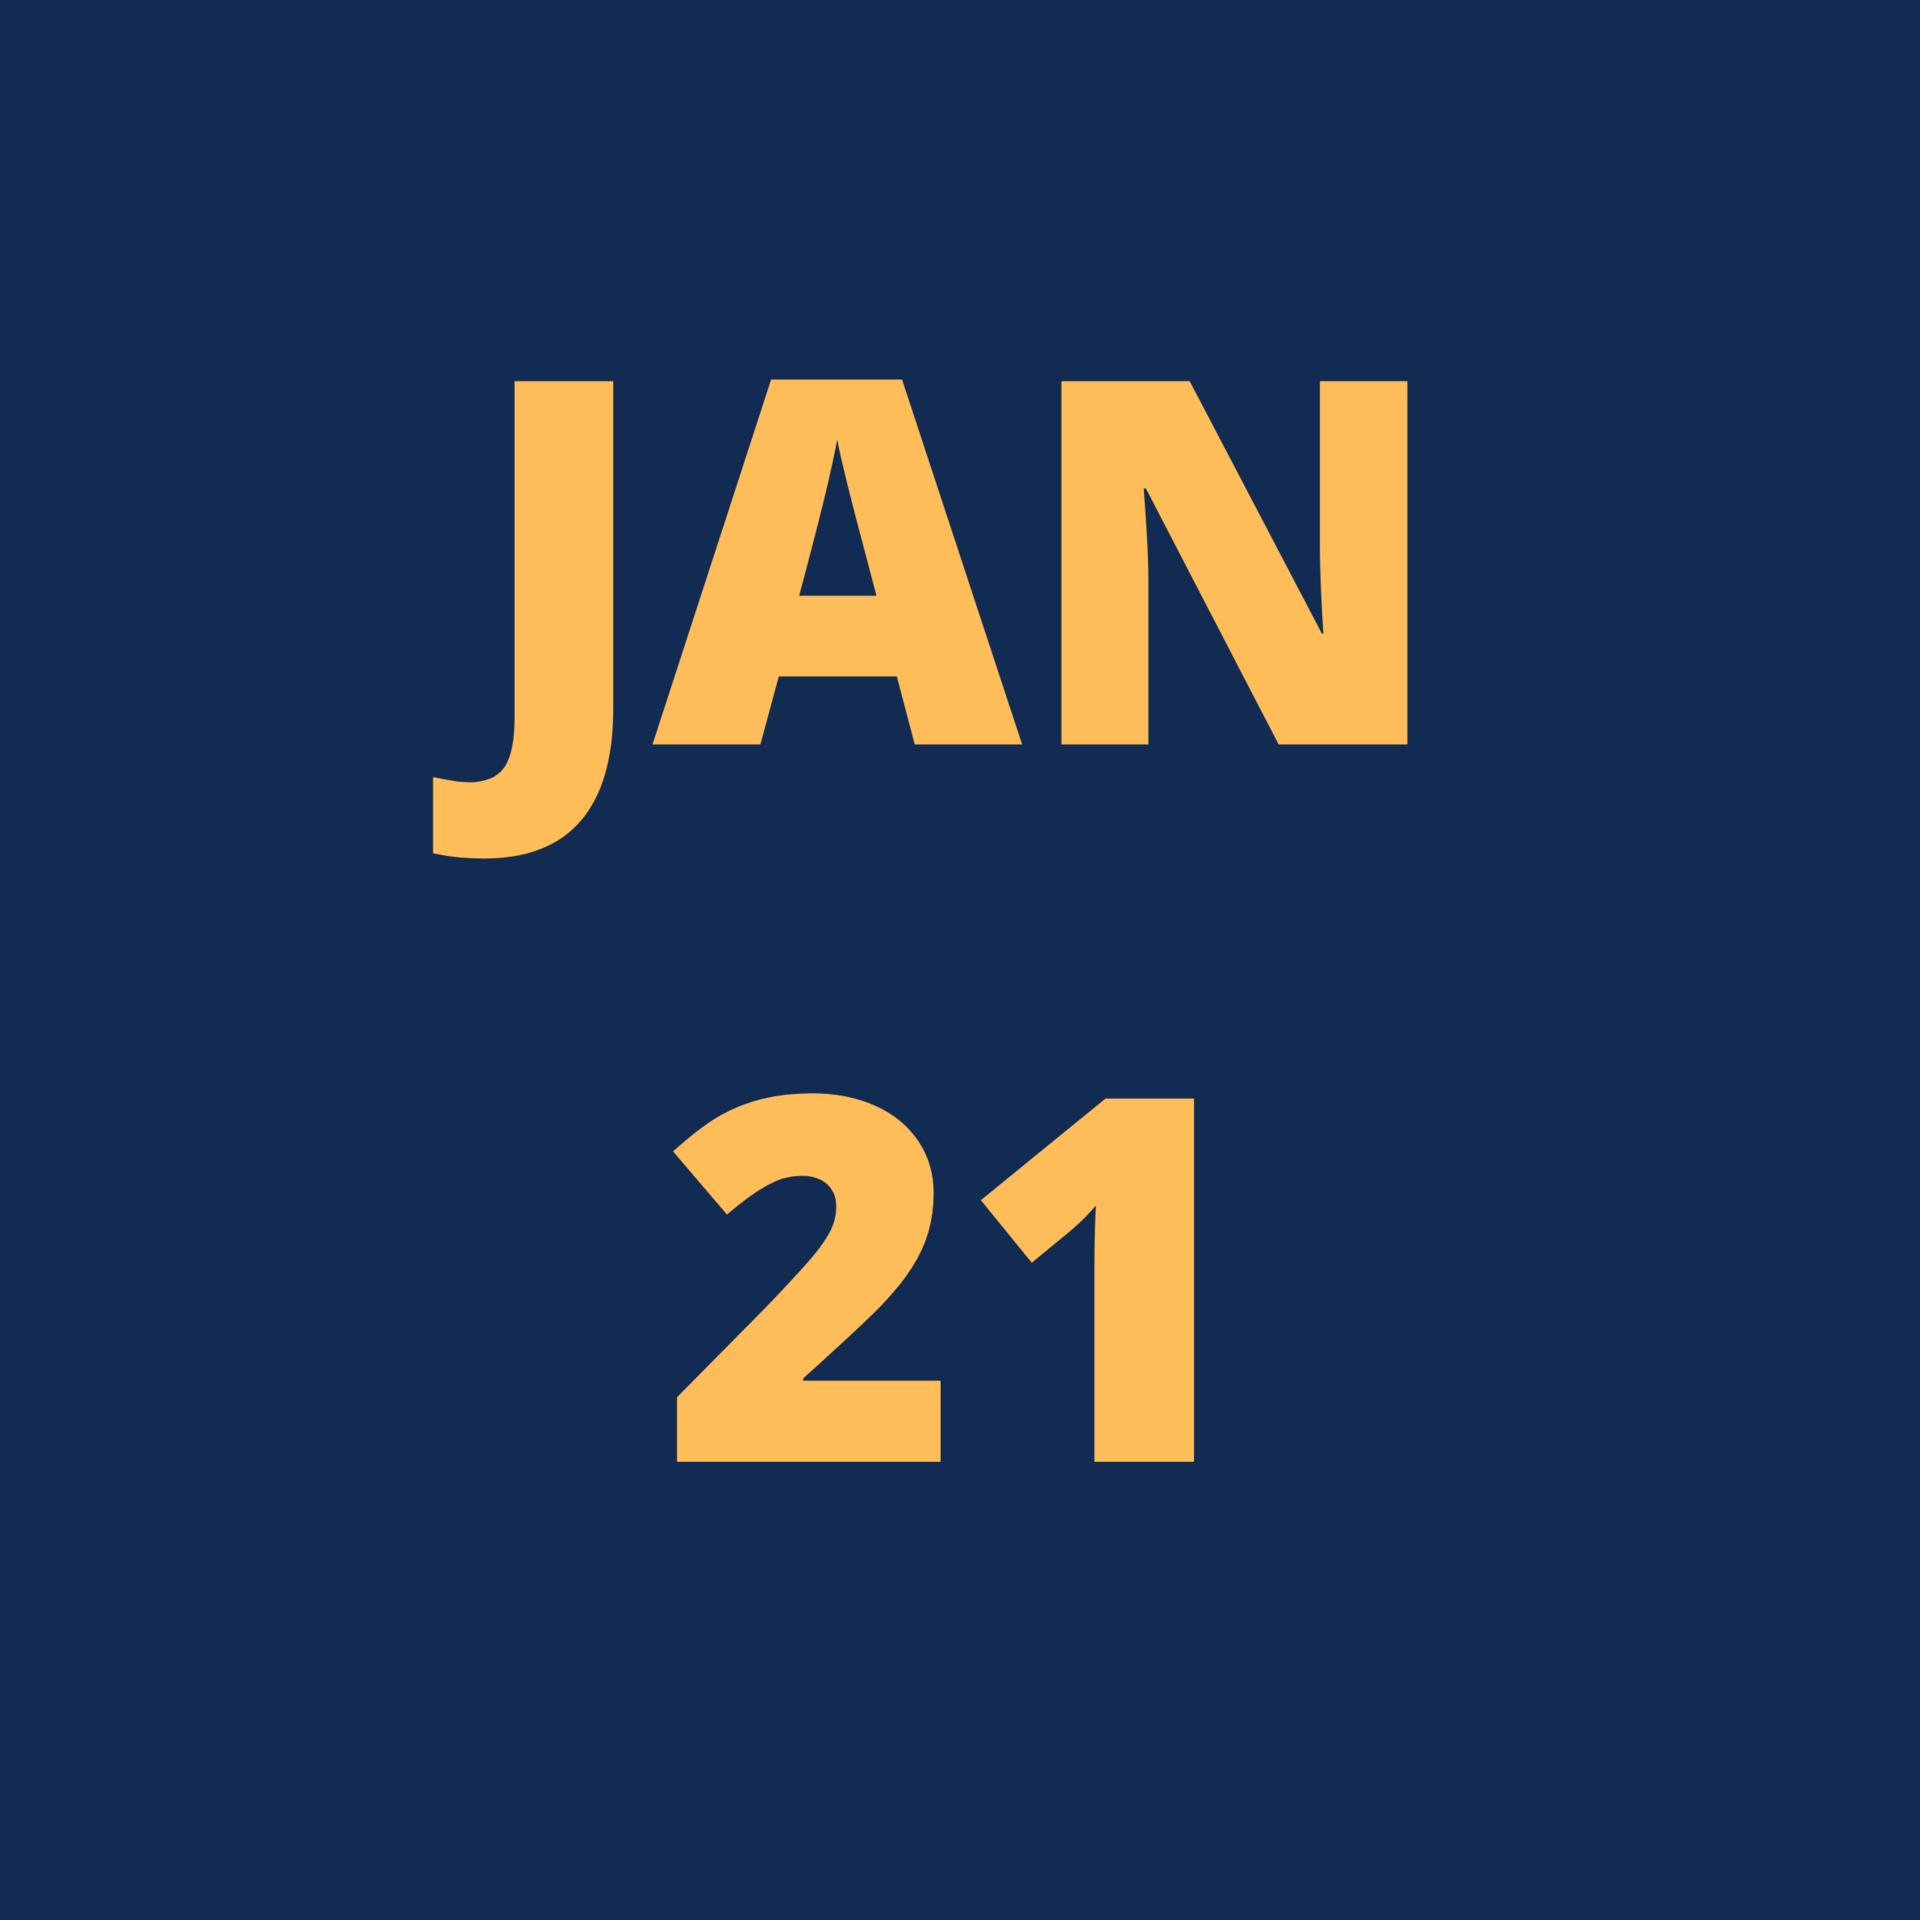 Jan 21 Icon